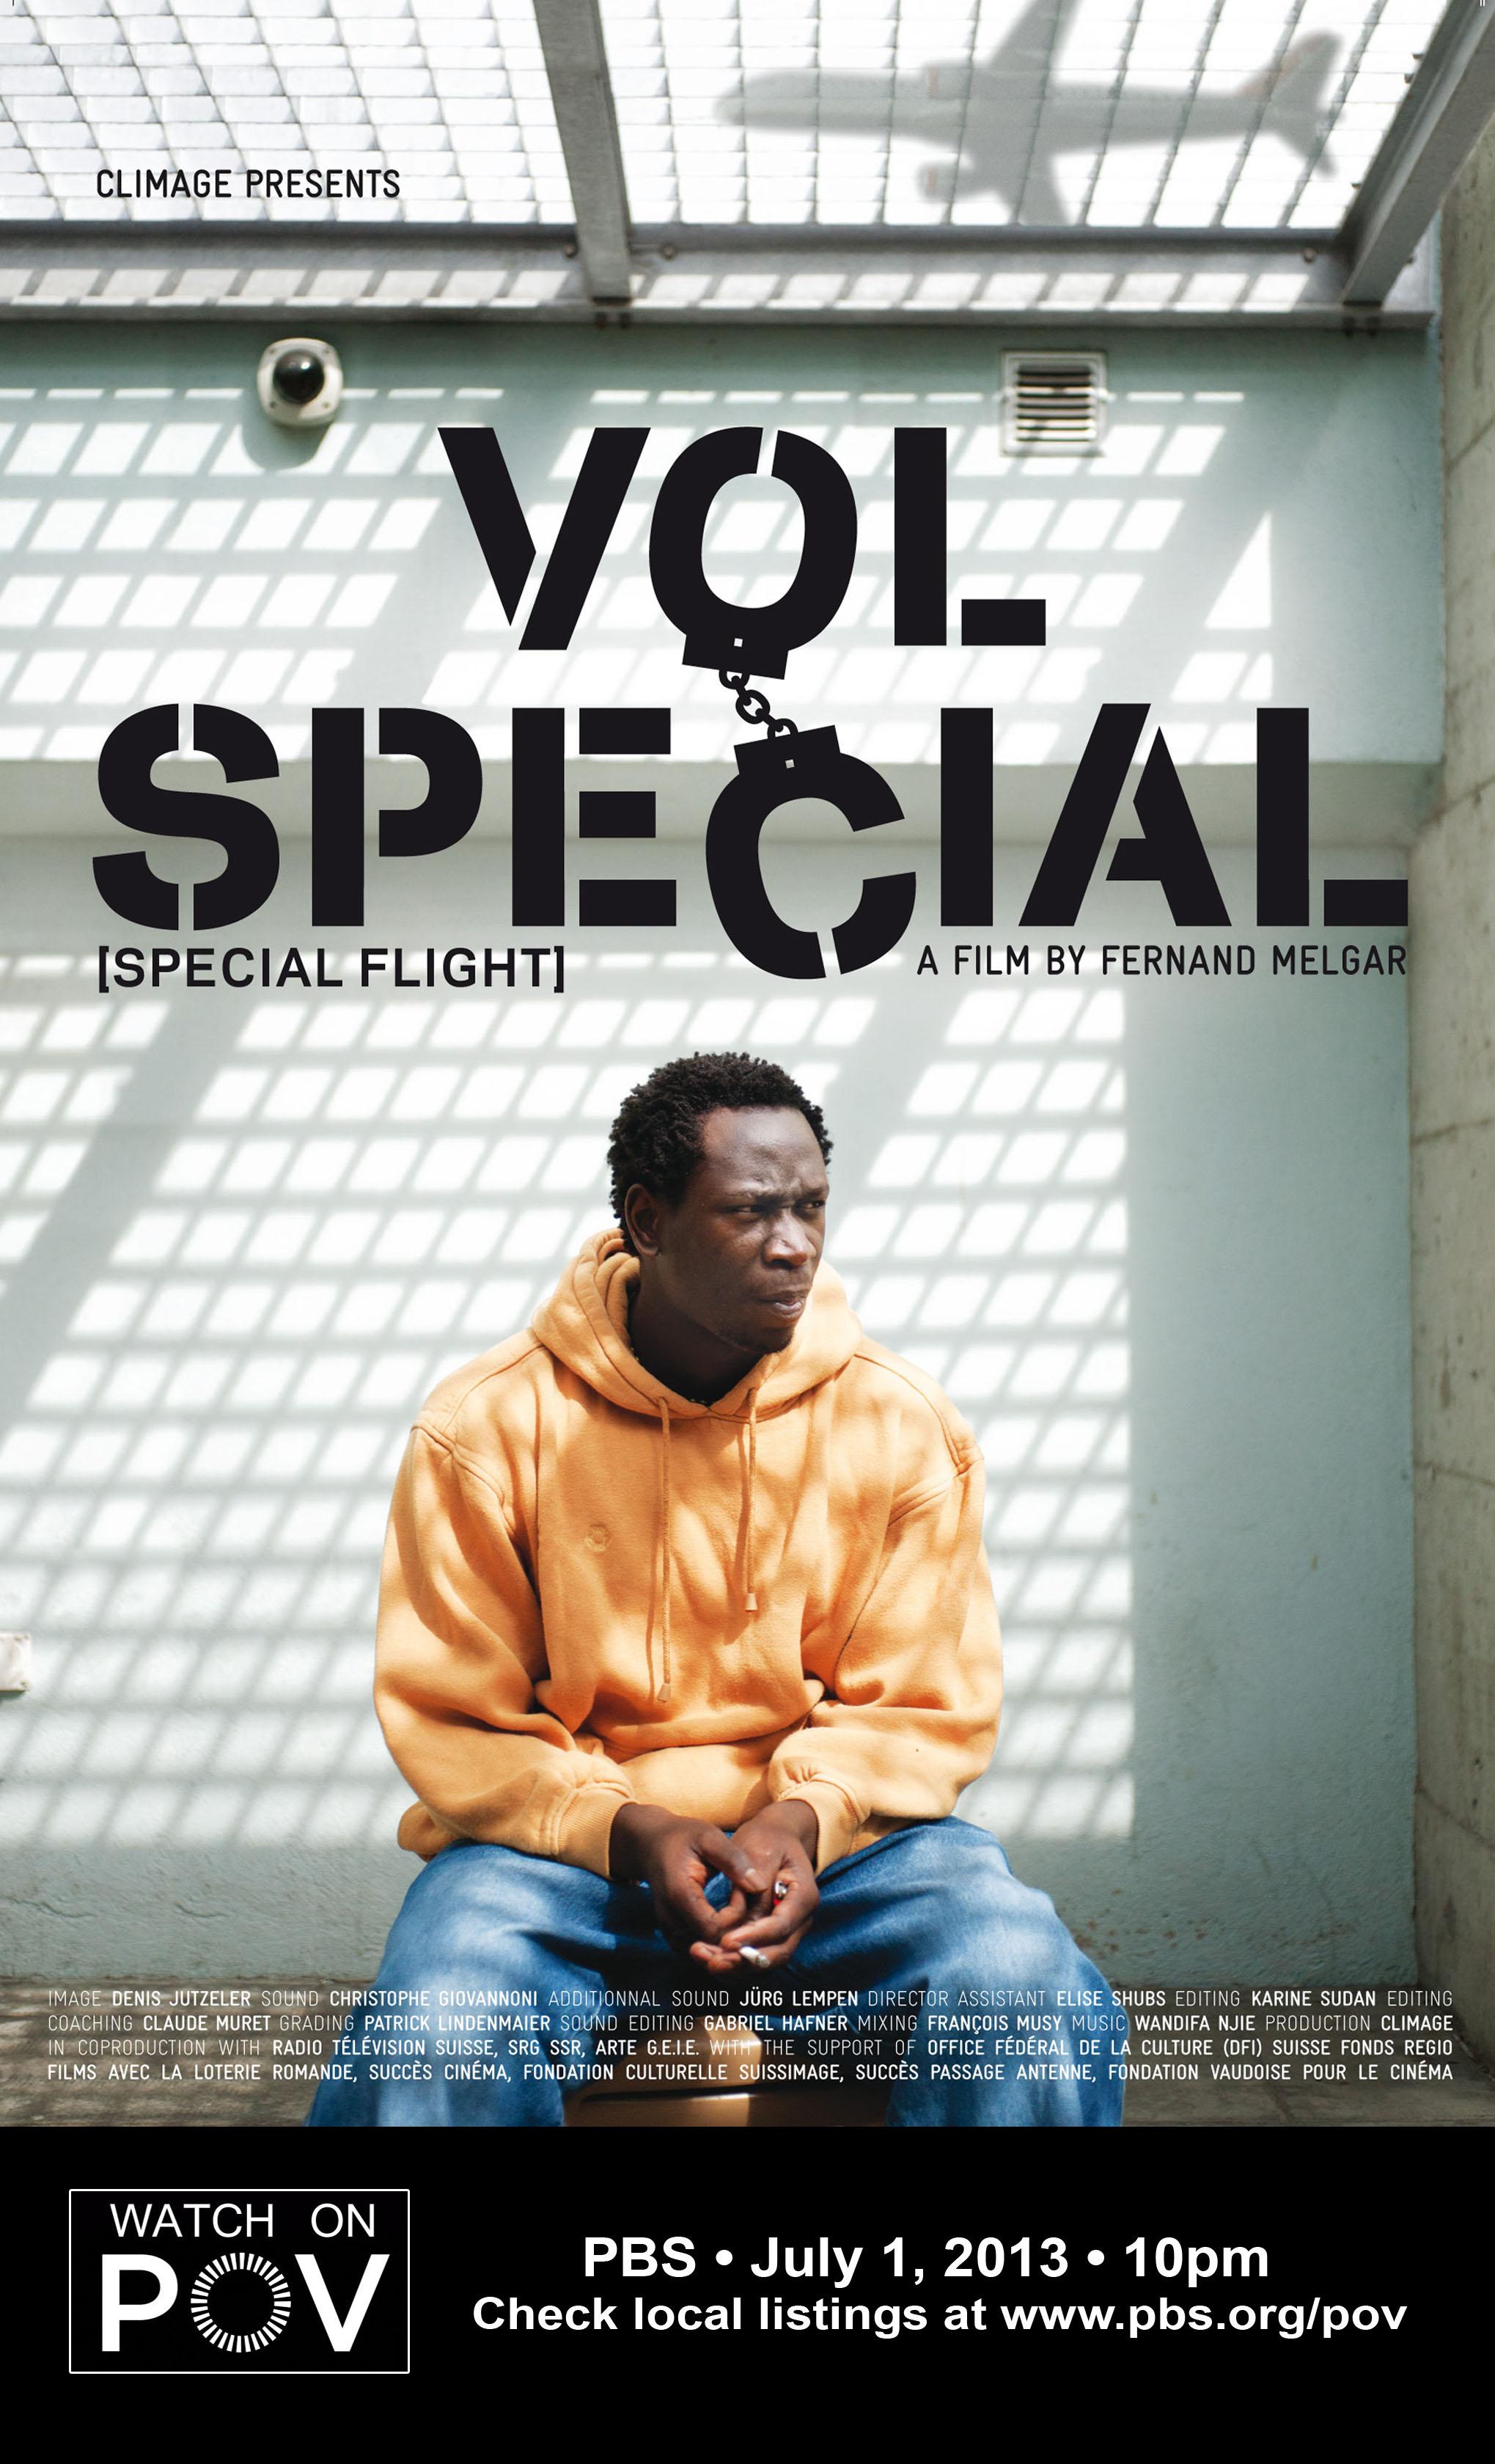 Special-Flight-POV-Poster-flickr.jpg